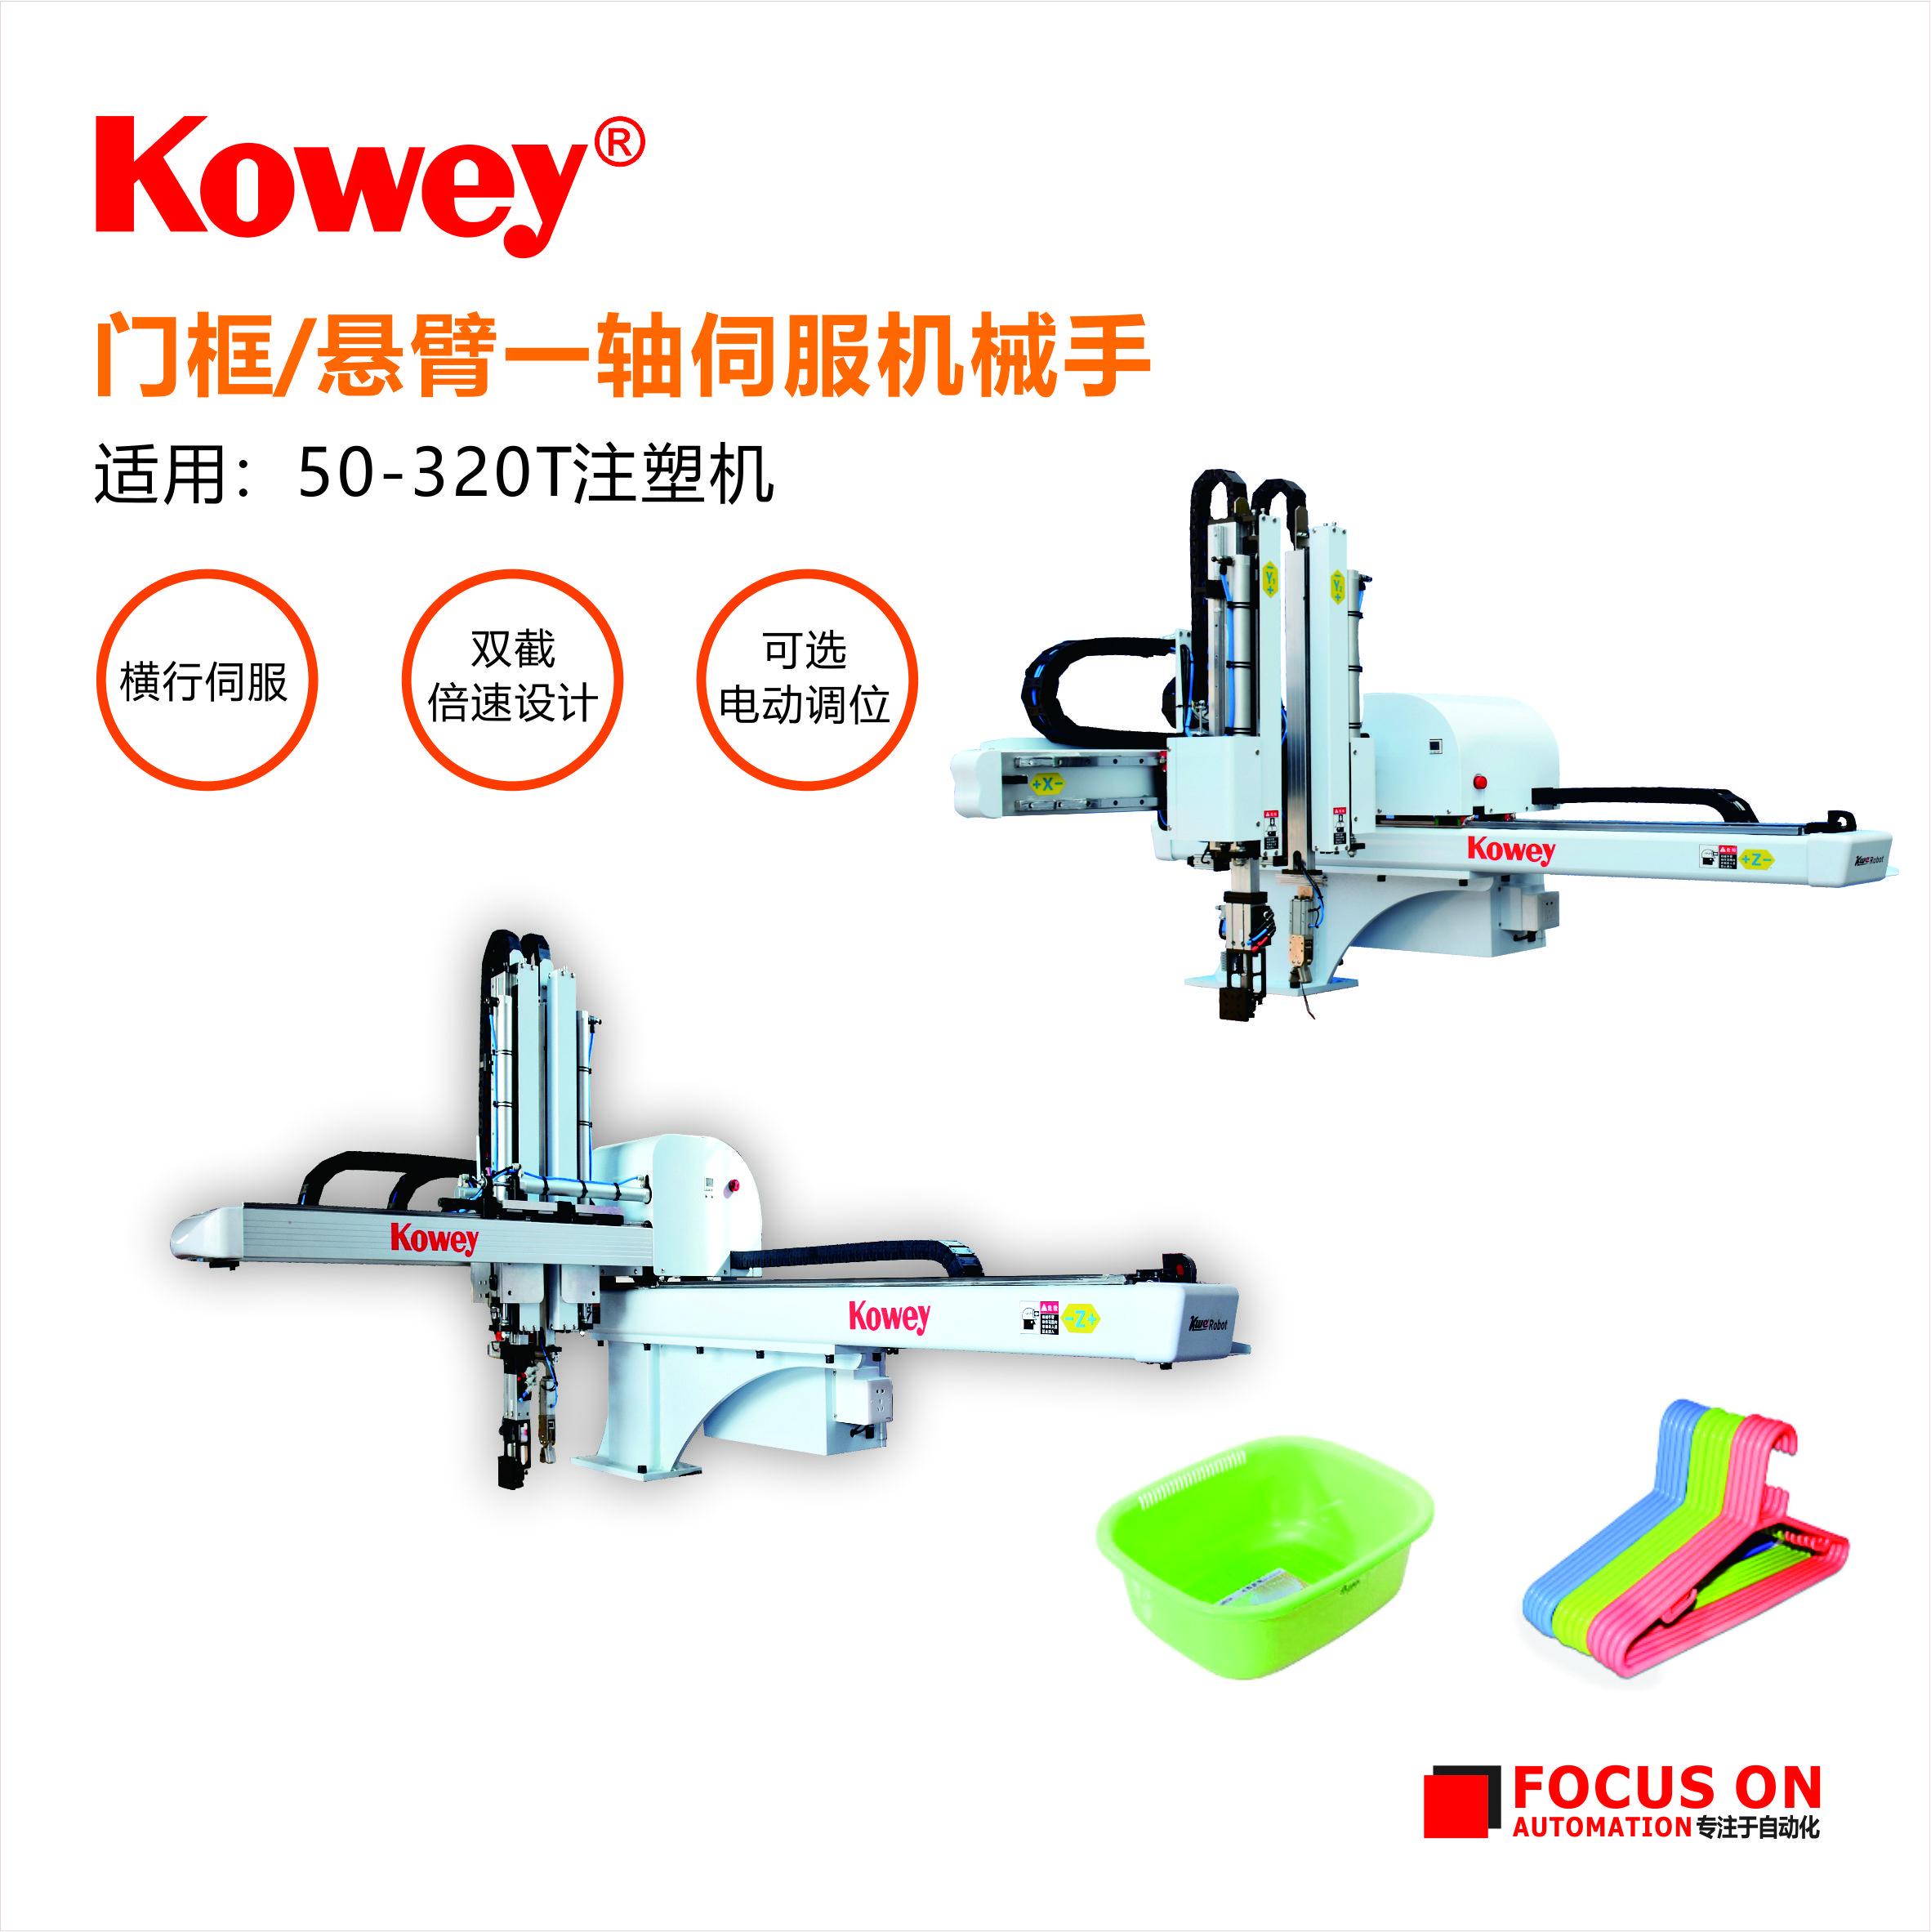 注塑機械手-一軸伺服機械手-雙臂機械手-模內鑲嵌機械手